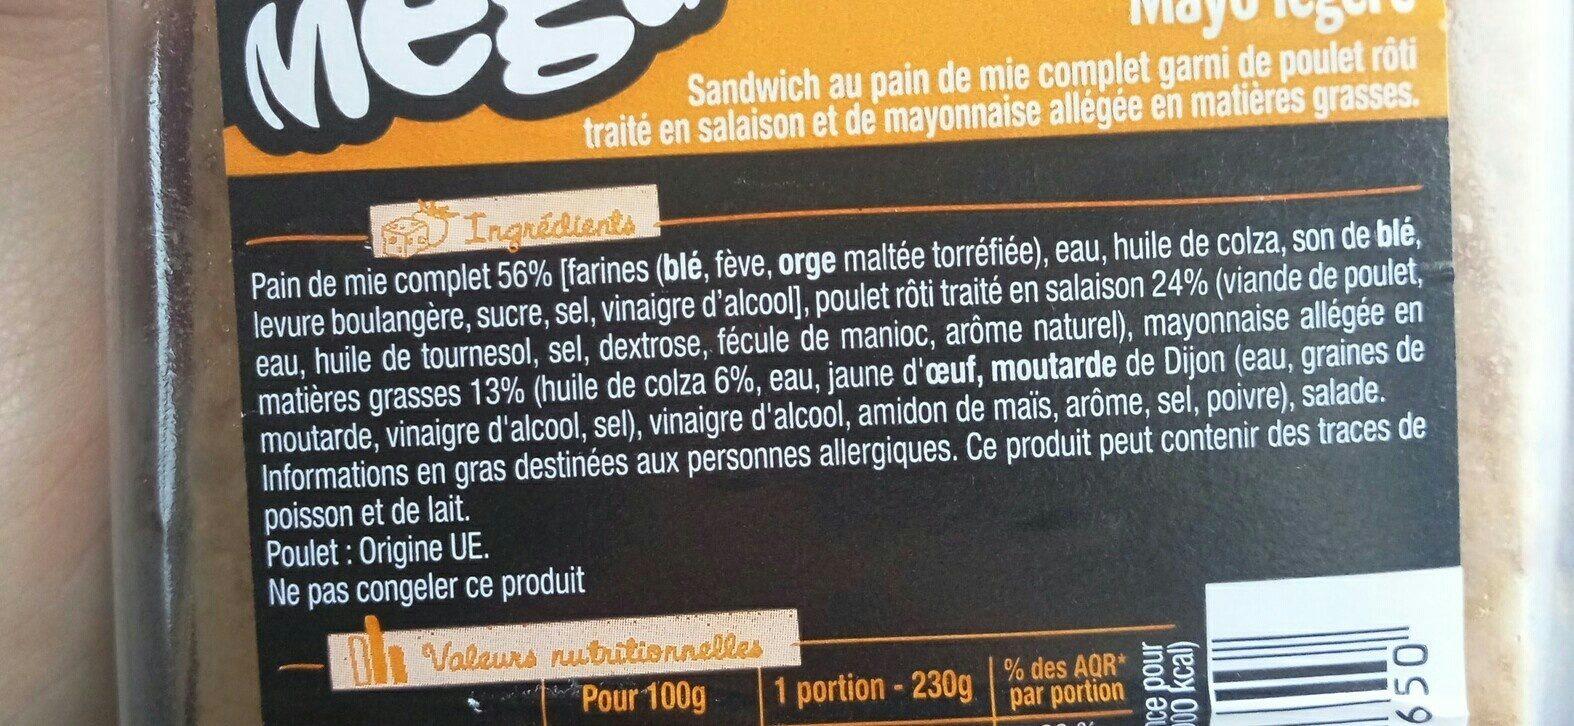 Sandwich poulet roti mayo légère - Ingrediënten - fr